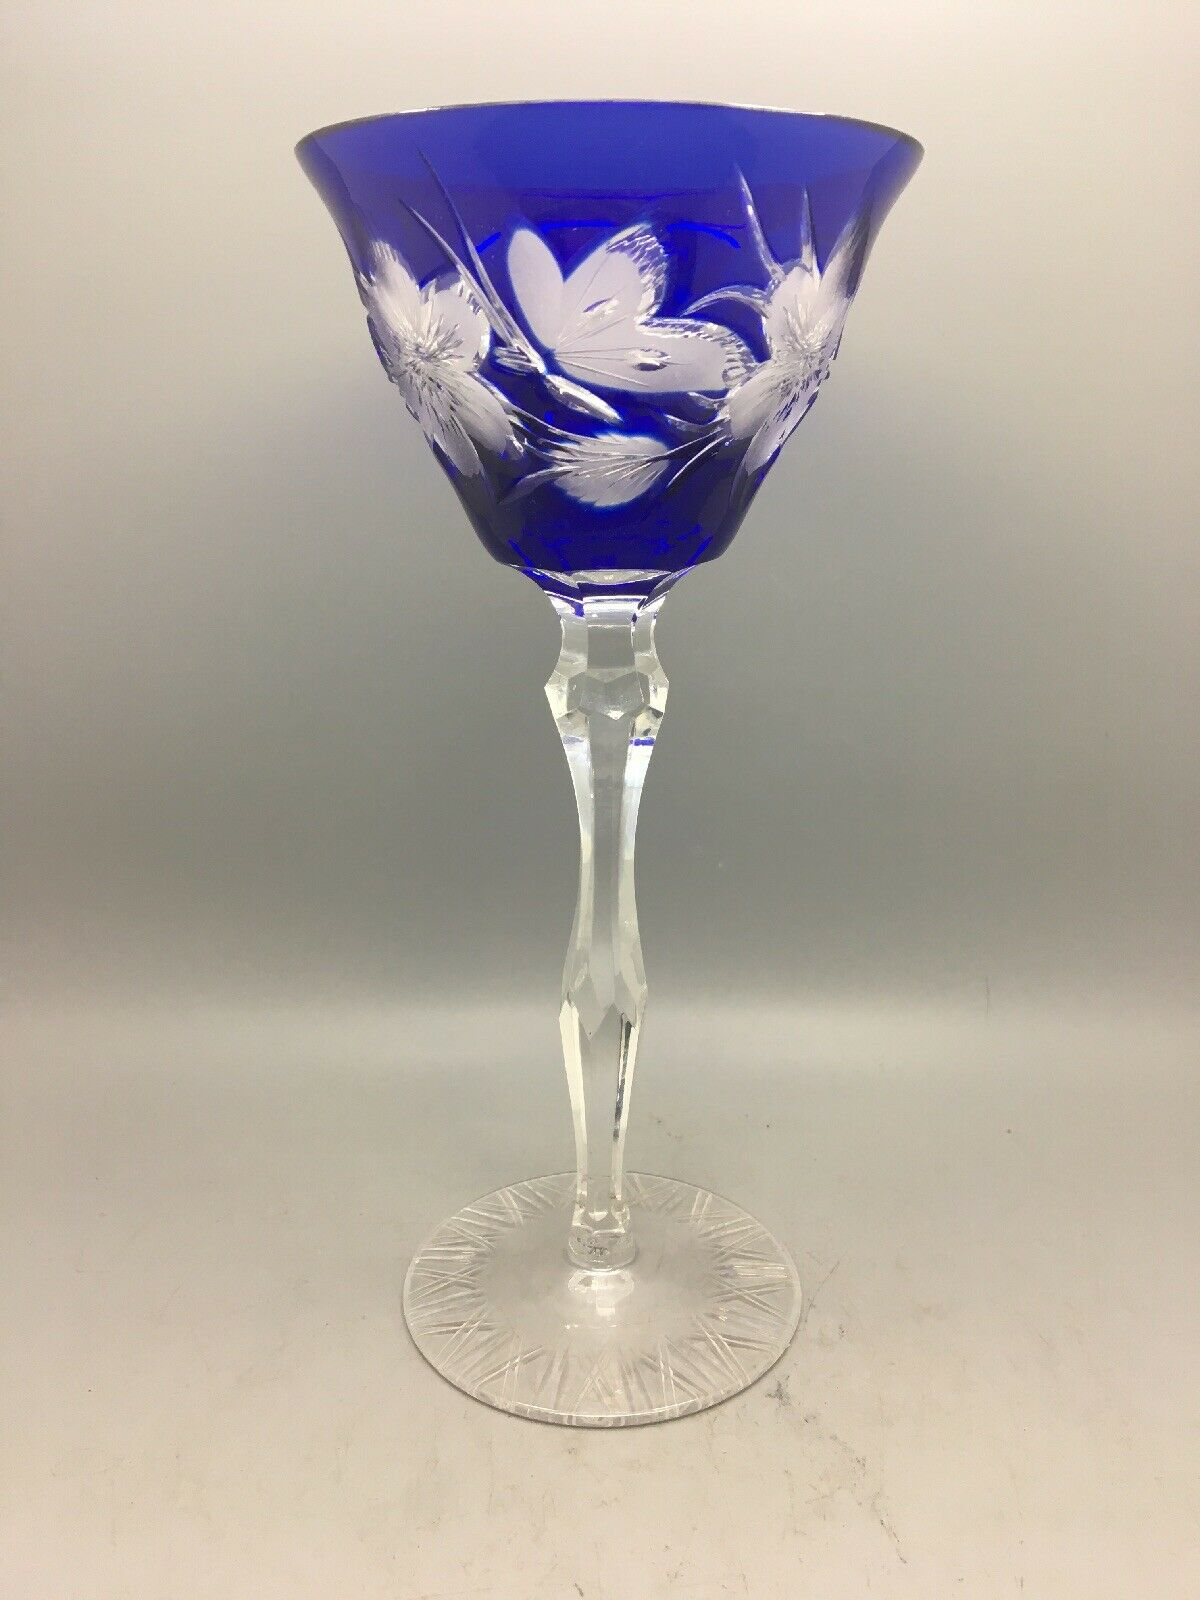 HEAVY BLEU COBALT Flash OVERLAY cristal Taille Jarret verre - 8 1 2  (21.7 cms)